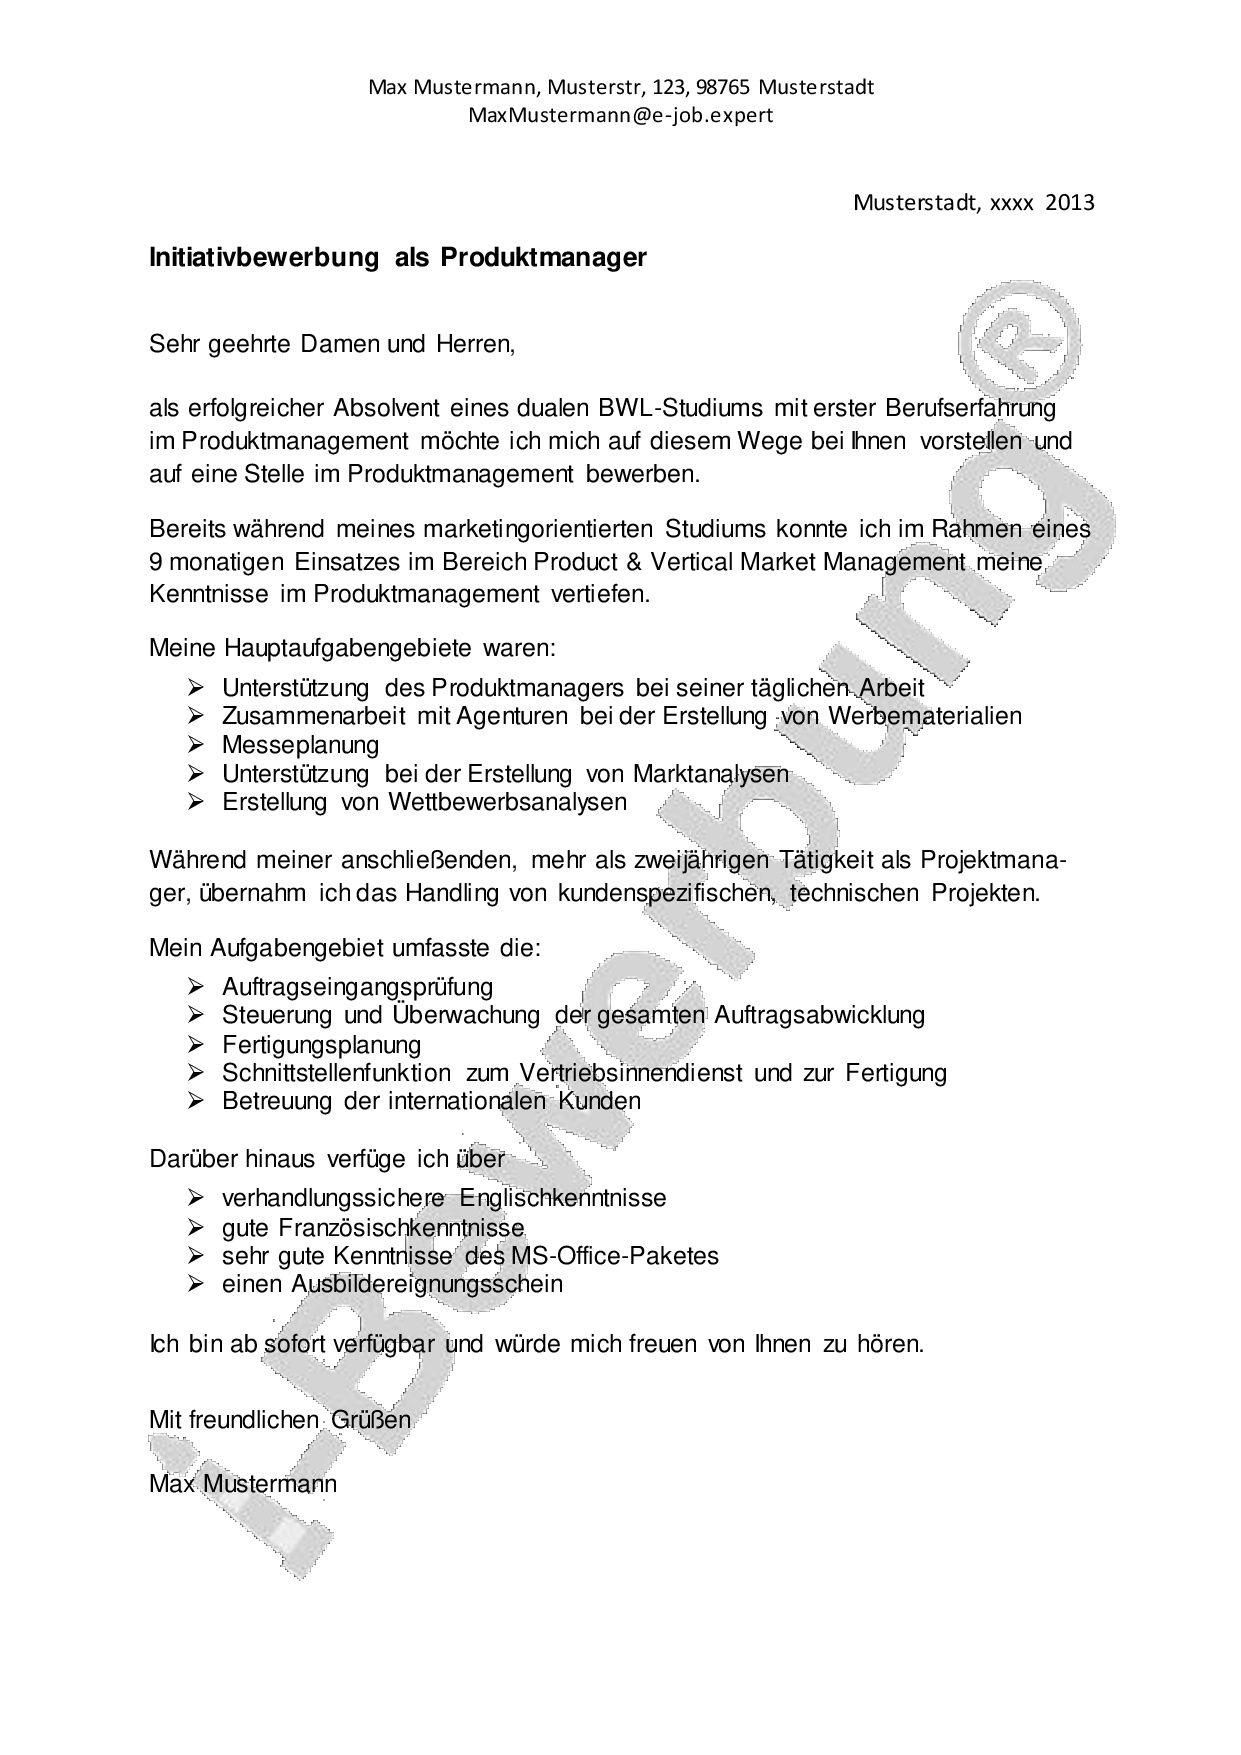 Vorlage Anschreiben zur Initiativbewerbung als Produktmanager ...